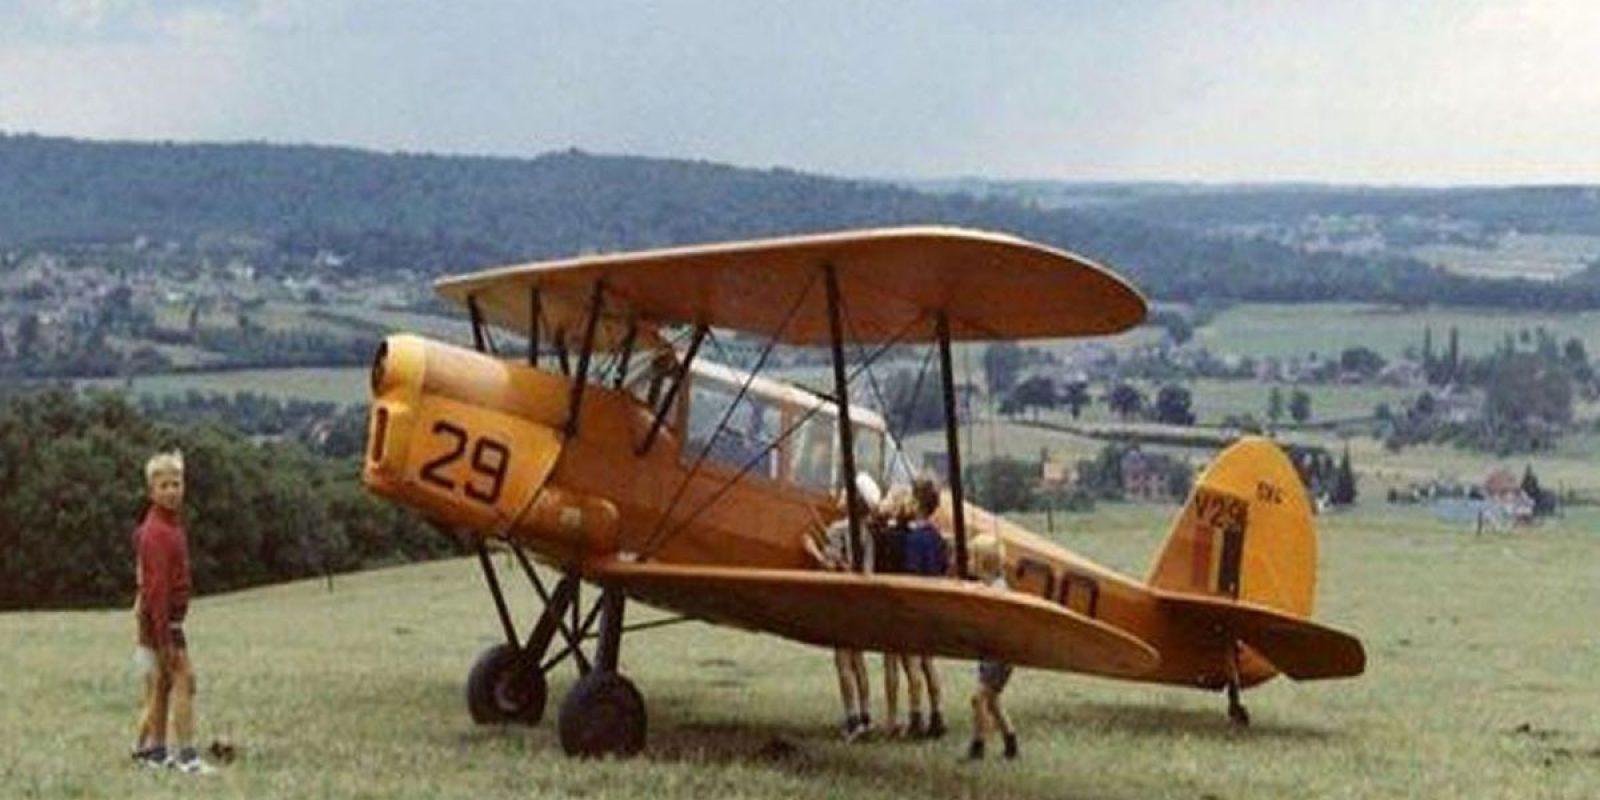 Le V29 après son atterrissage forcé à Faulx-les-Tombes le 17 août 1967 suite à la perte de son hélice en vol. (Via Marcel Baudot)